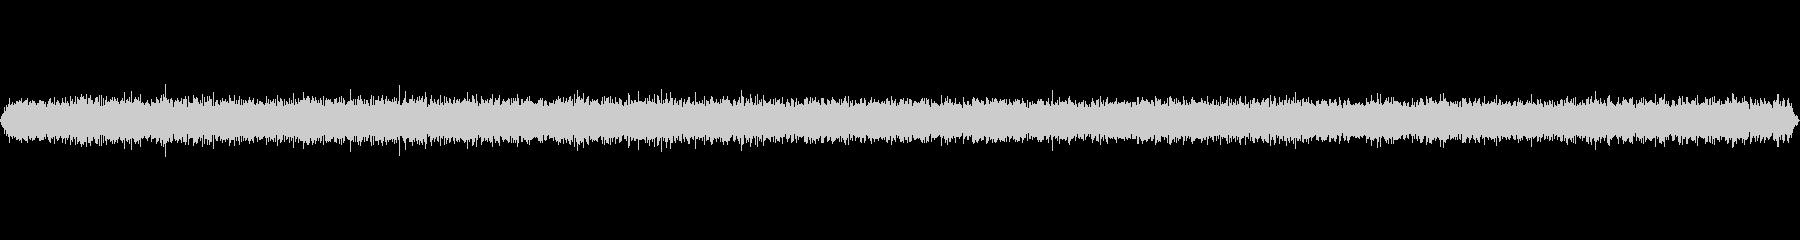 クルーズ船のサンデッキの背景の雰囲気の未再生の波形